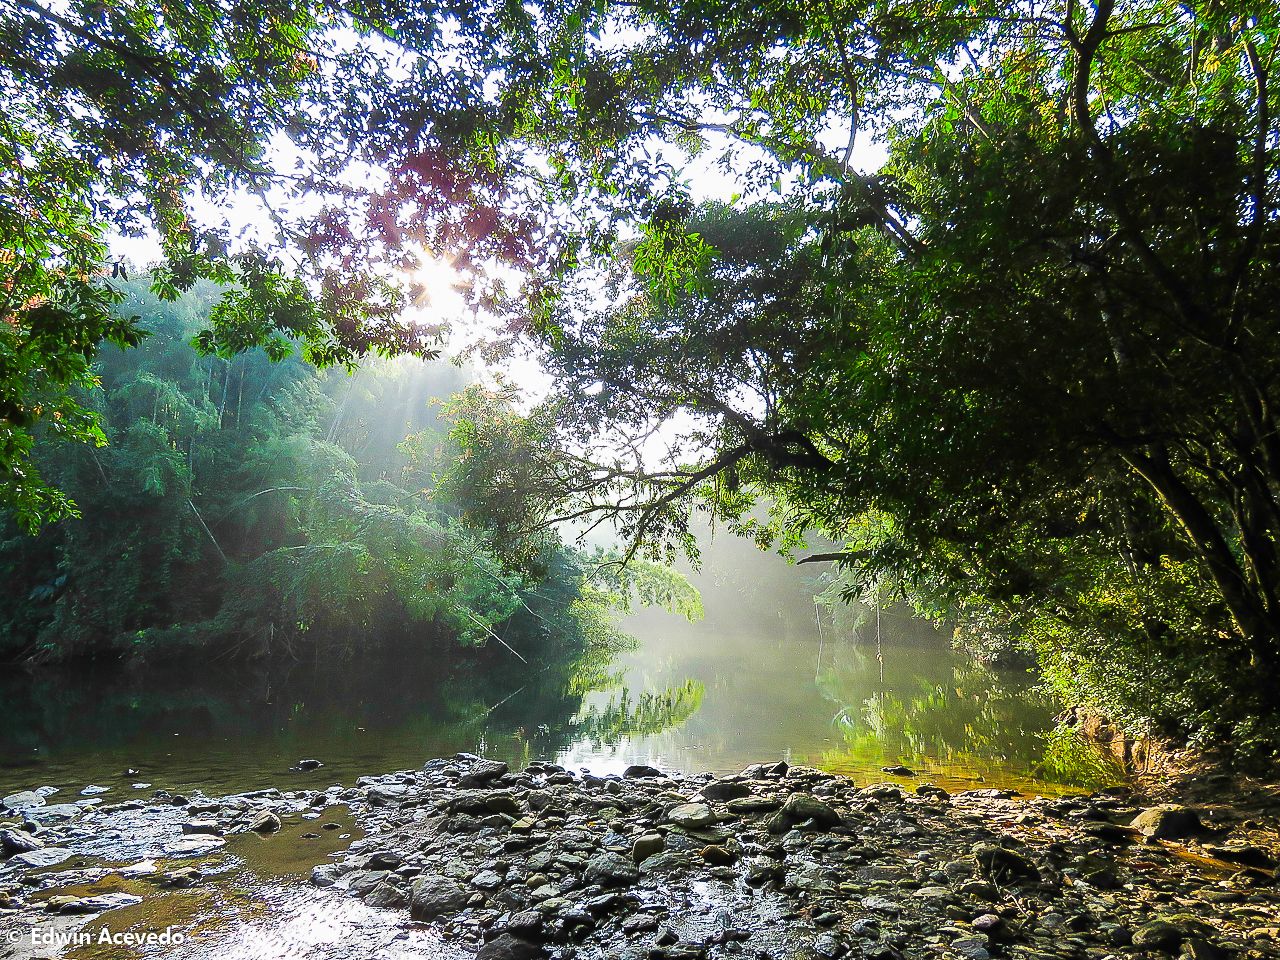 The Río Claro